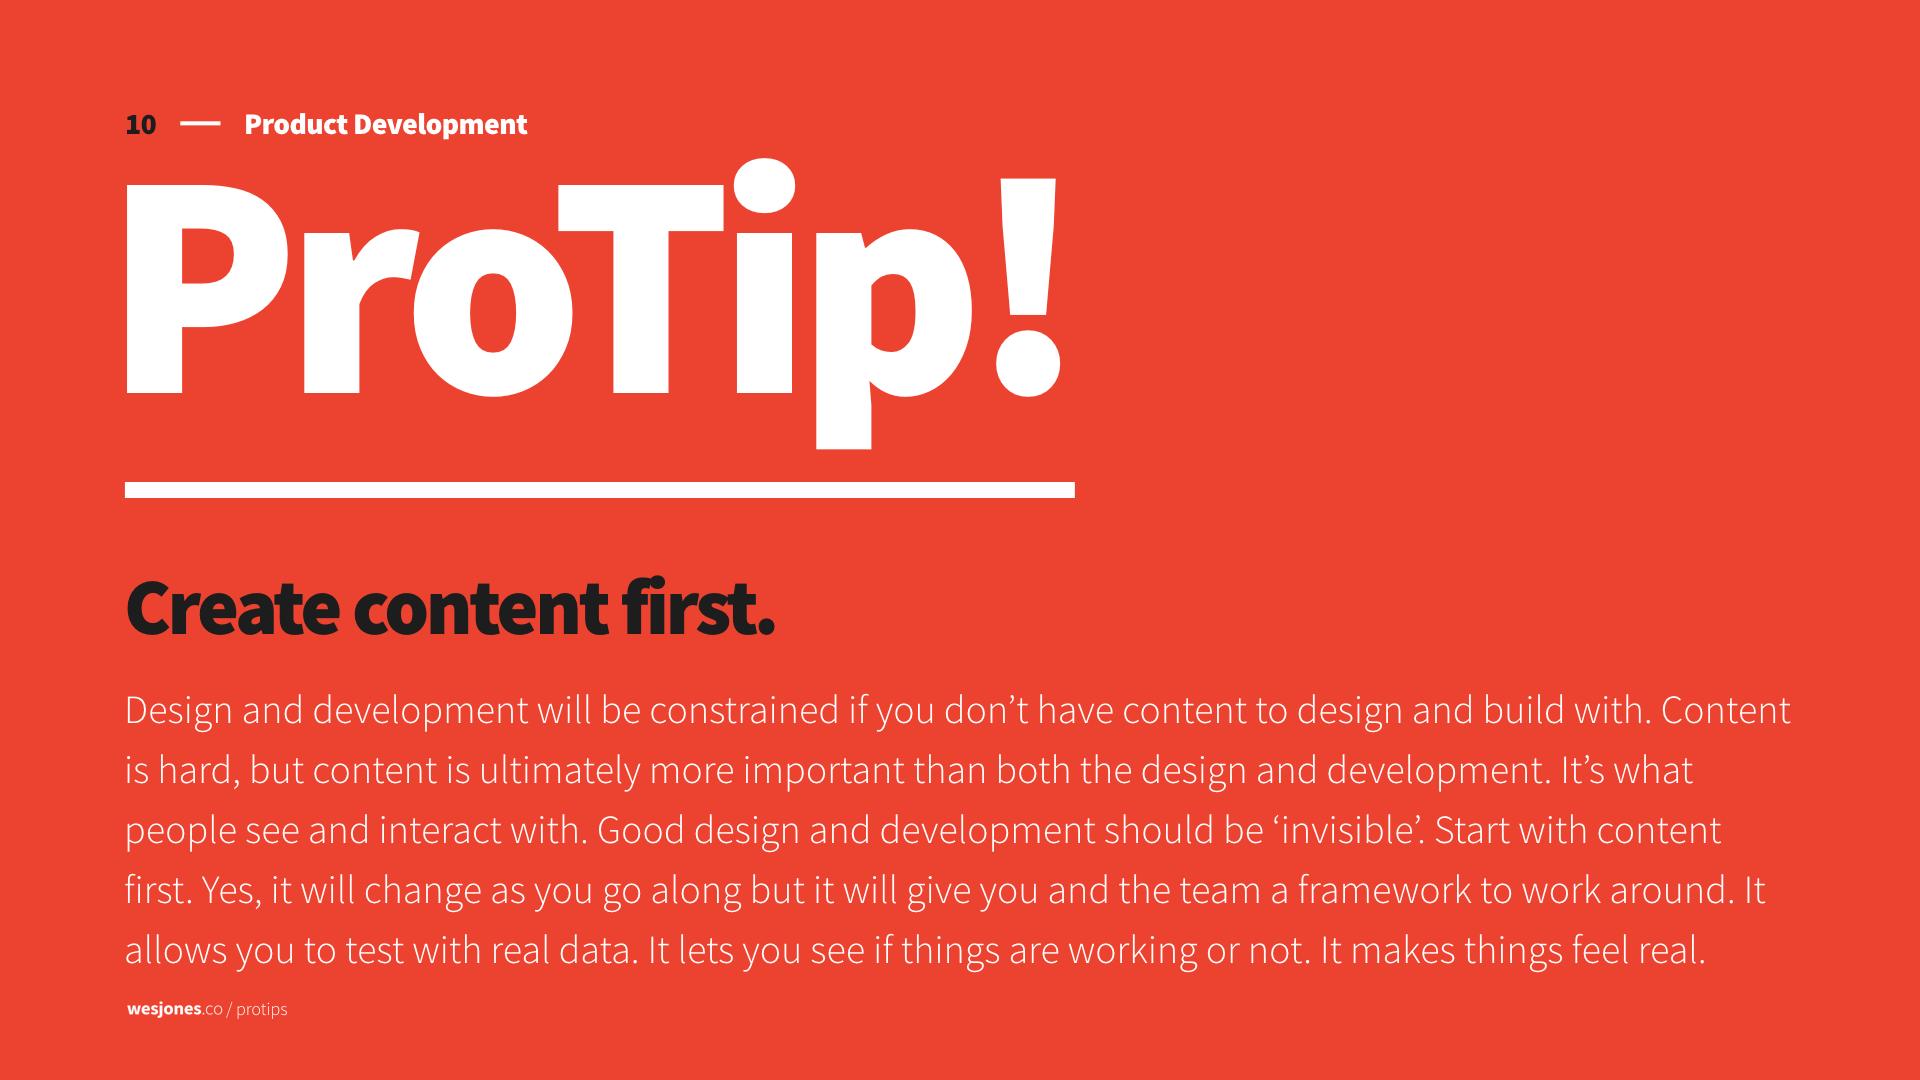 wesjonesco-protip-create-content-first-text.png